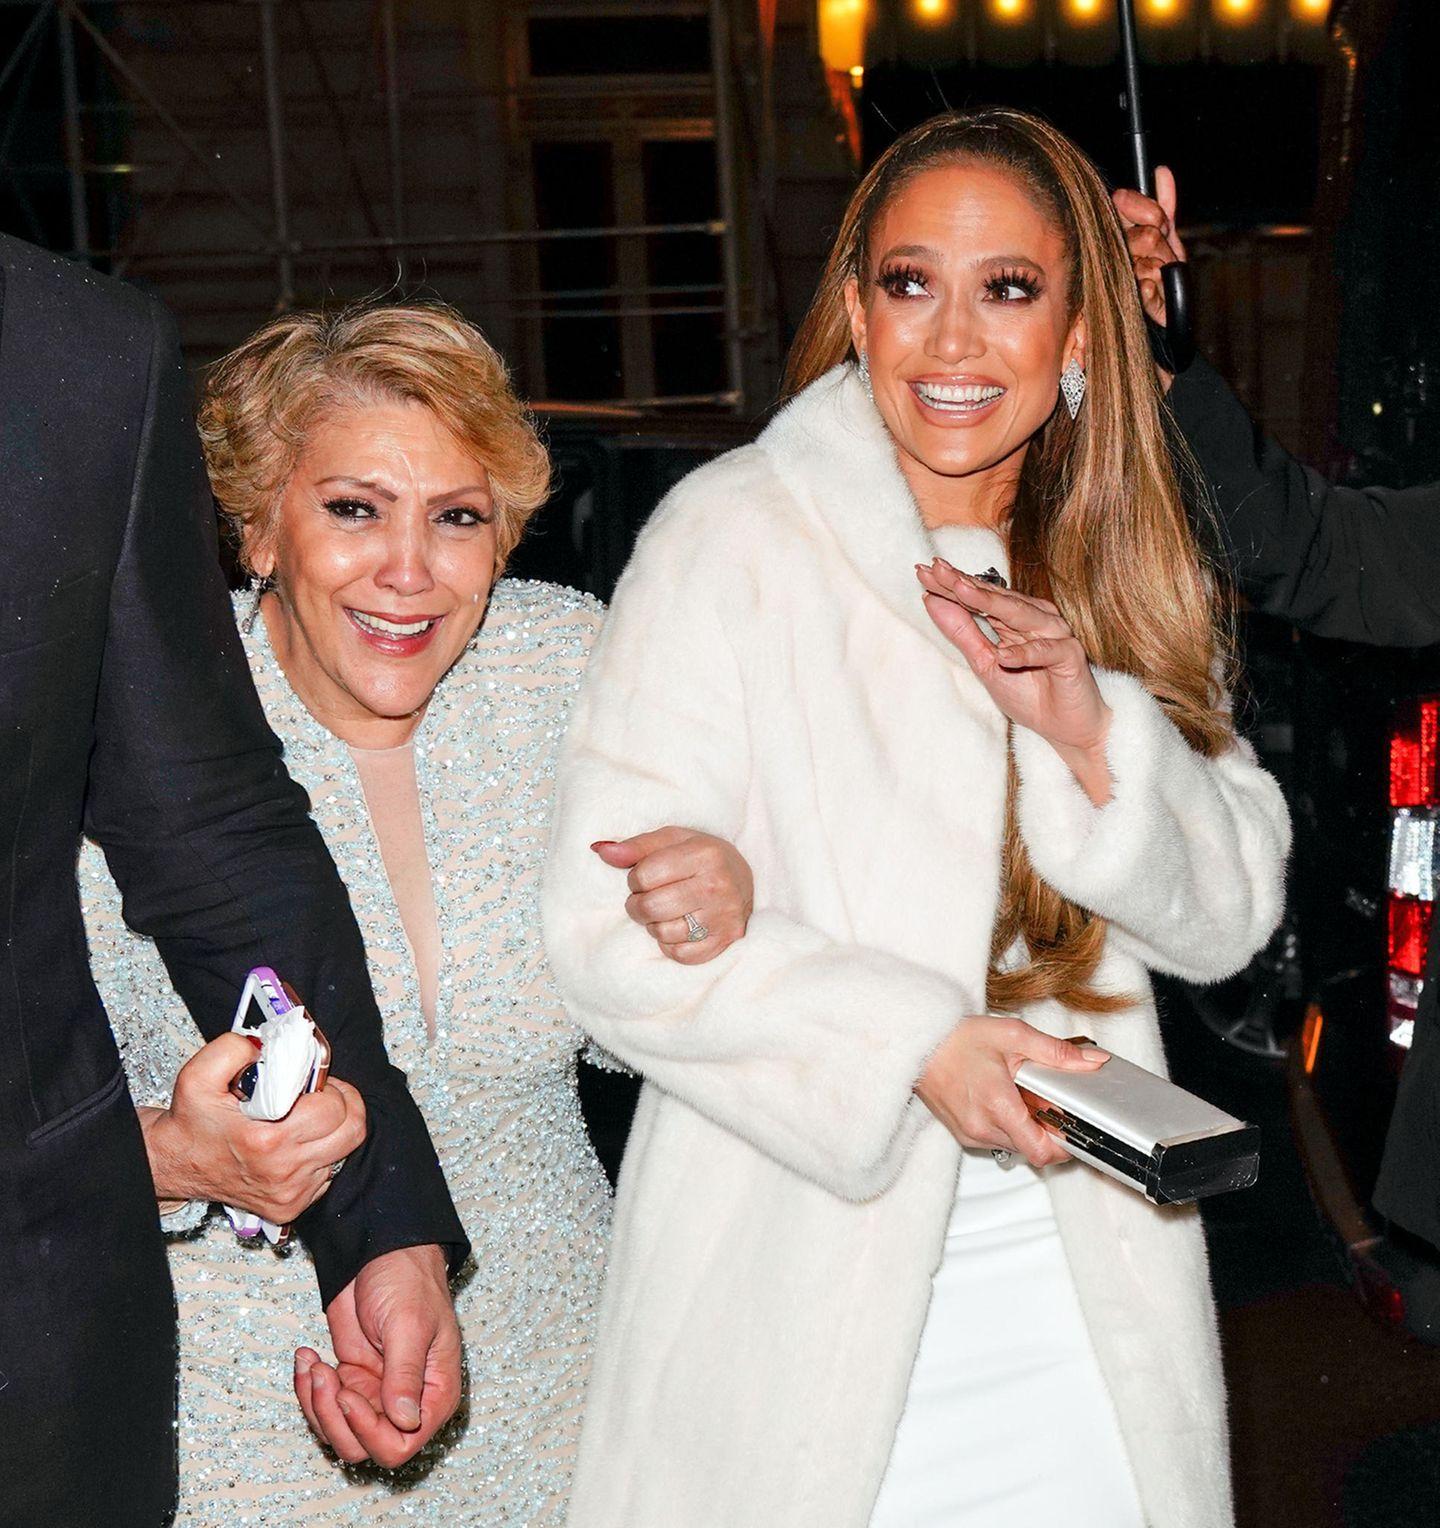 Zu einem Event in New York begleitet Guadalupe Lopez ihre Tochter Jennifer. Strahlend und Arm in Arm steigen die beiden Ladies aus der Limousine.